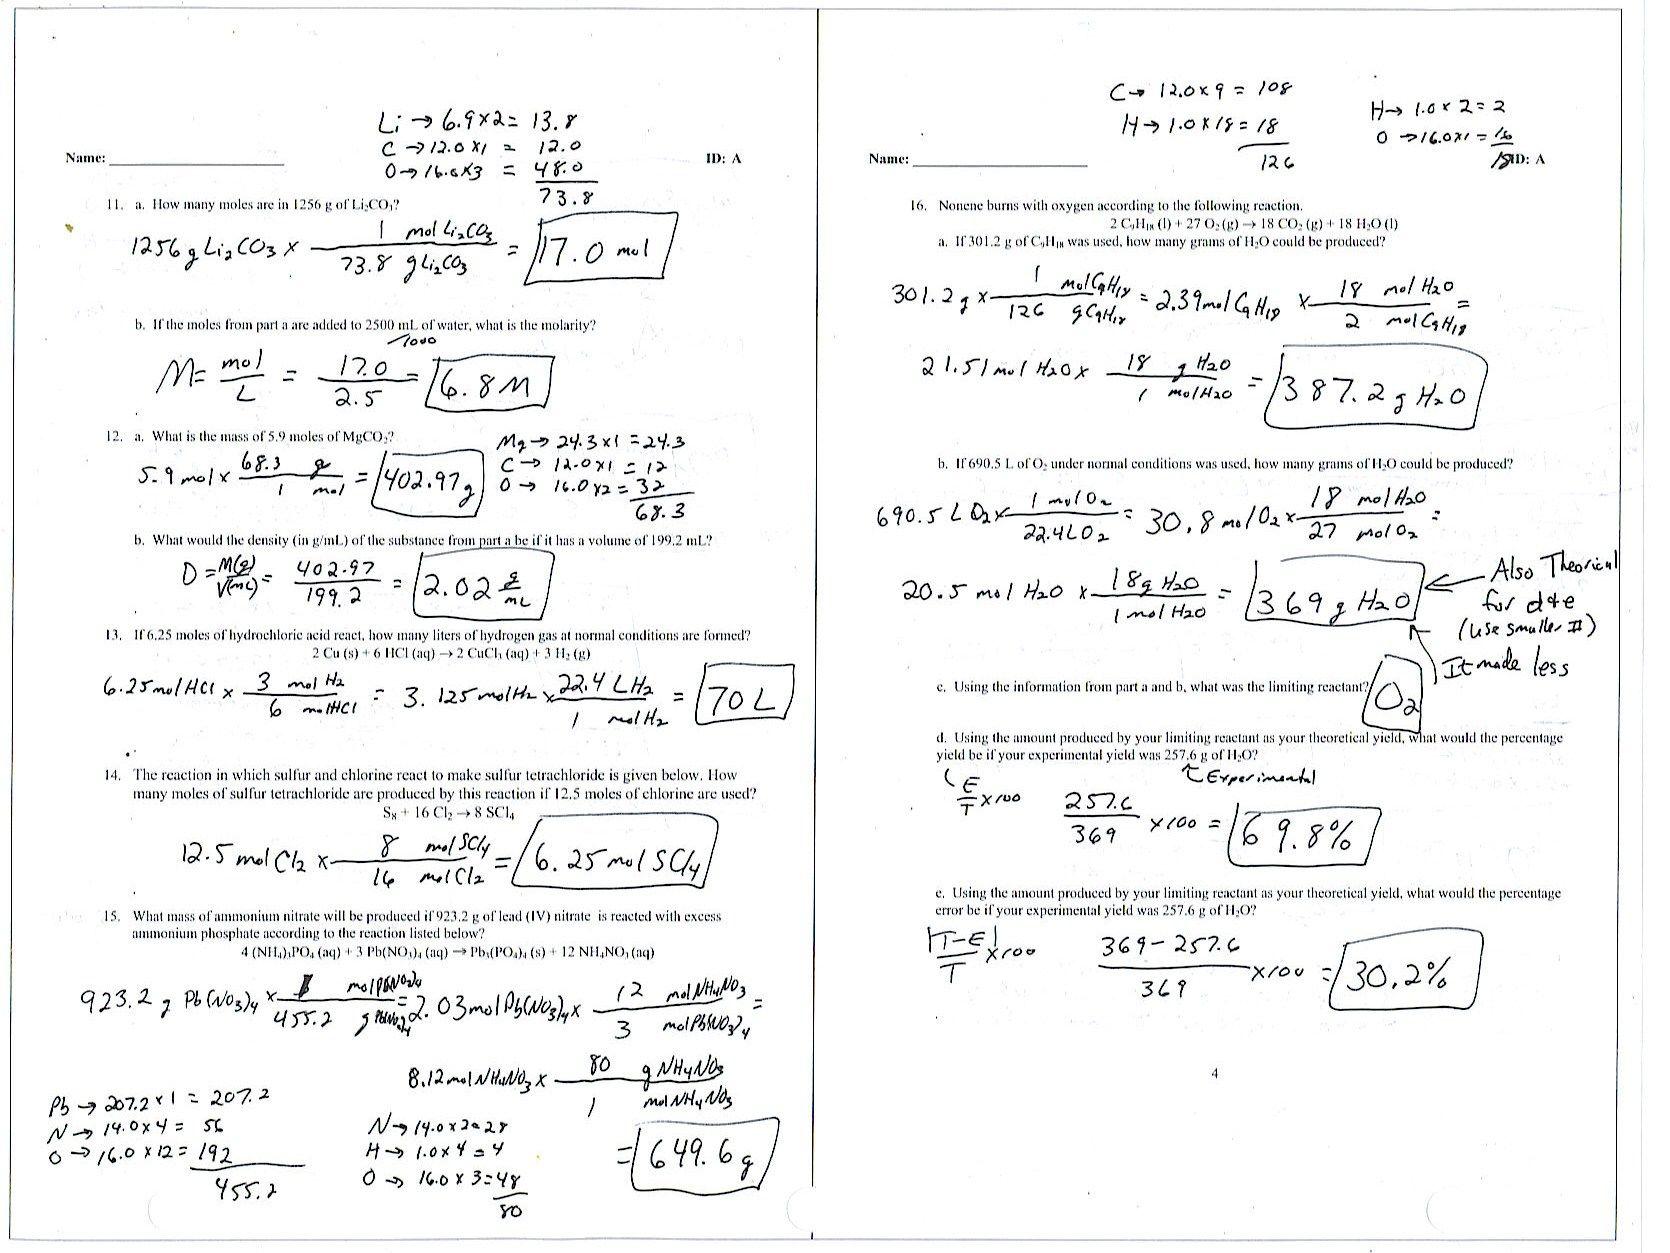 hight resolution of https://cute766.info/density-column-worksheet-de-6-by-bluebird-teaching/